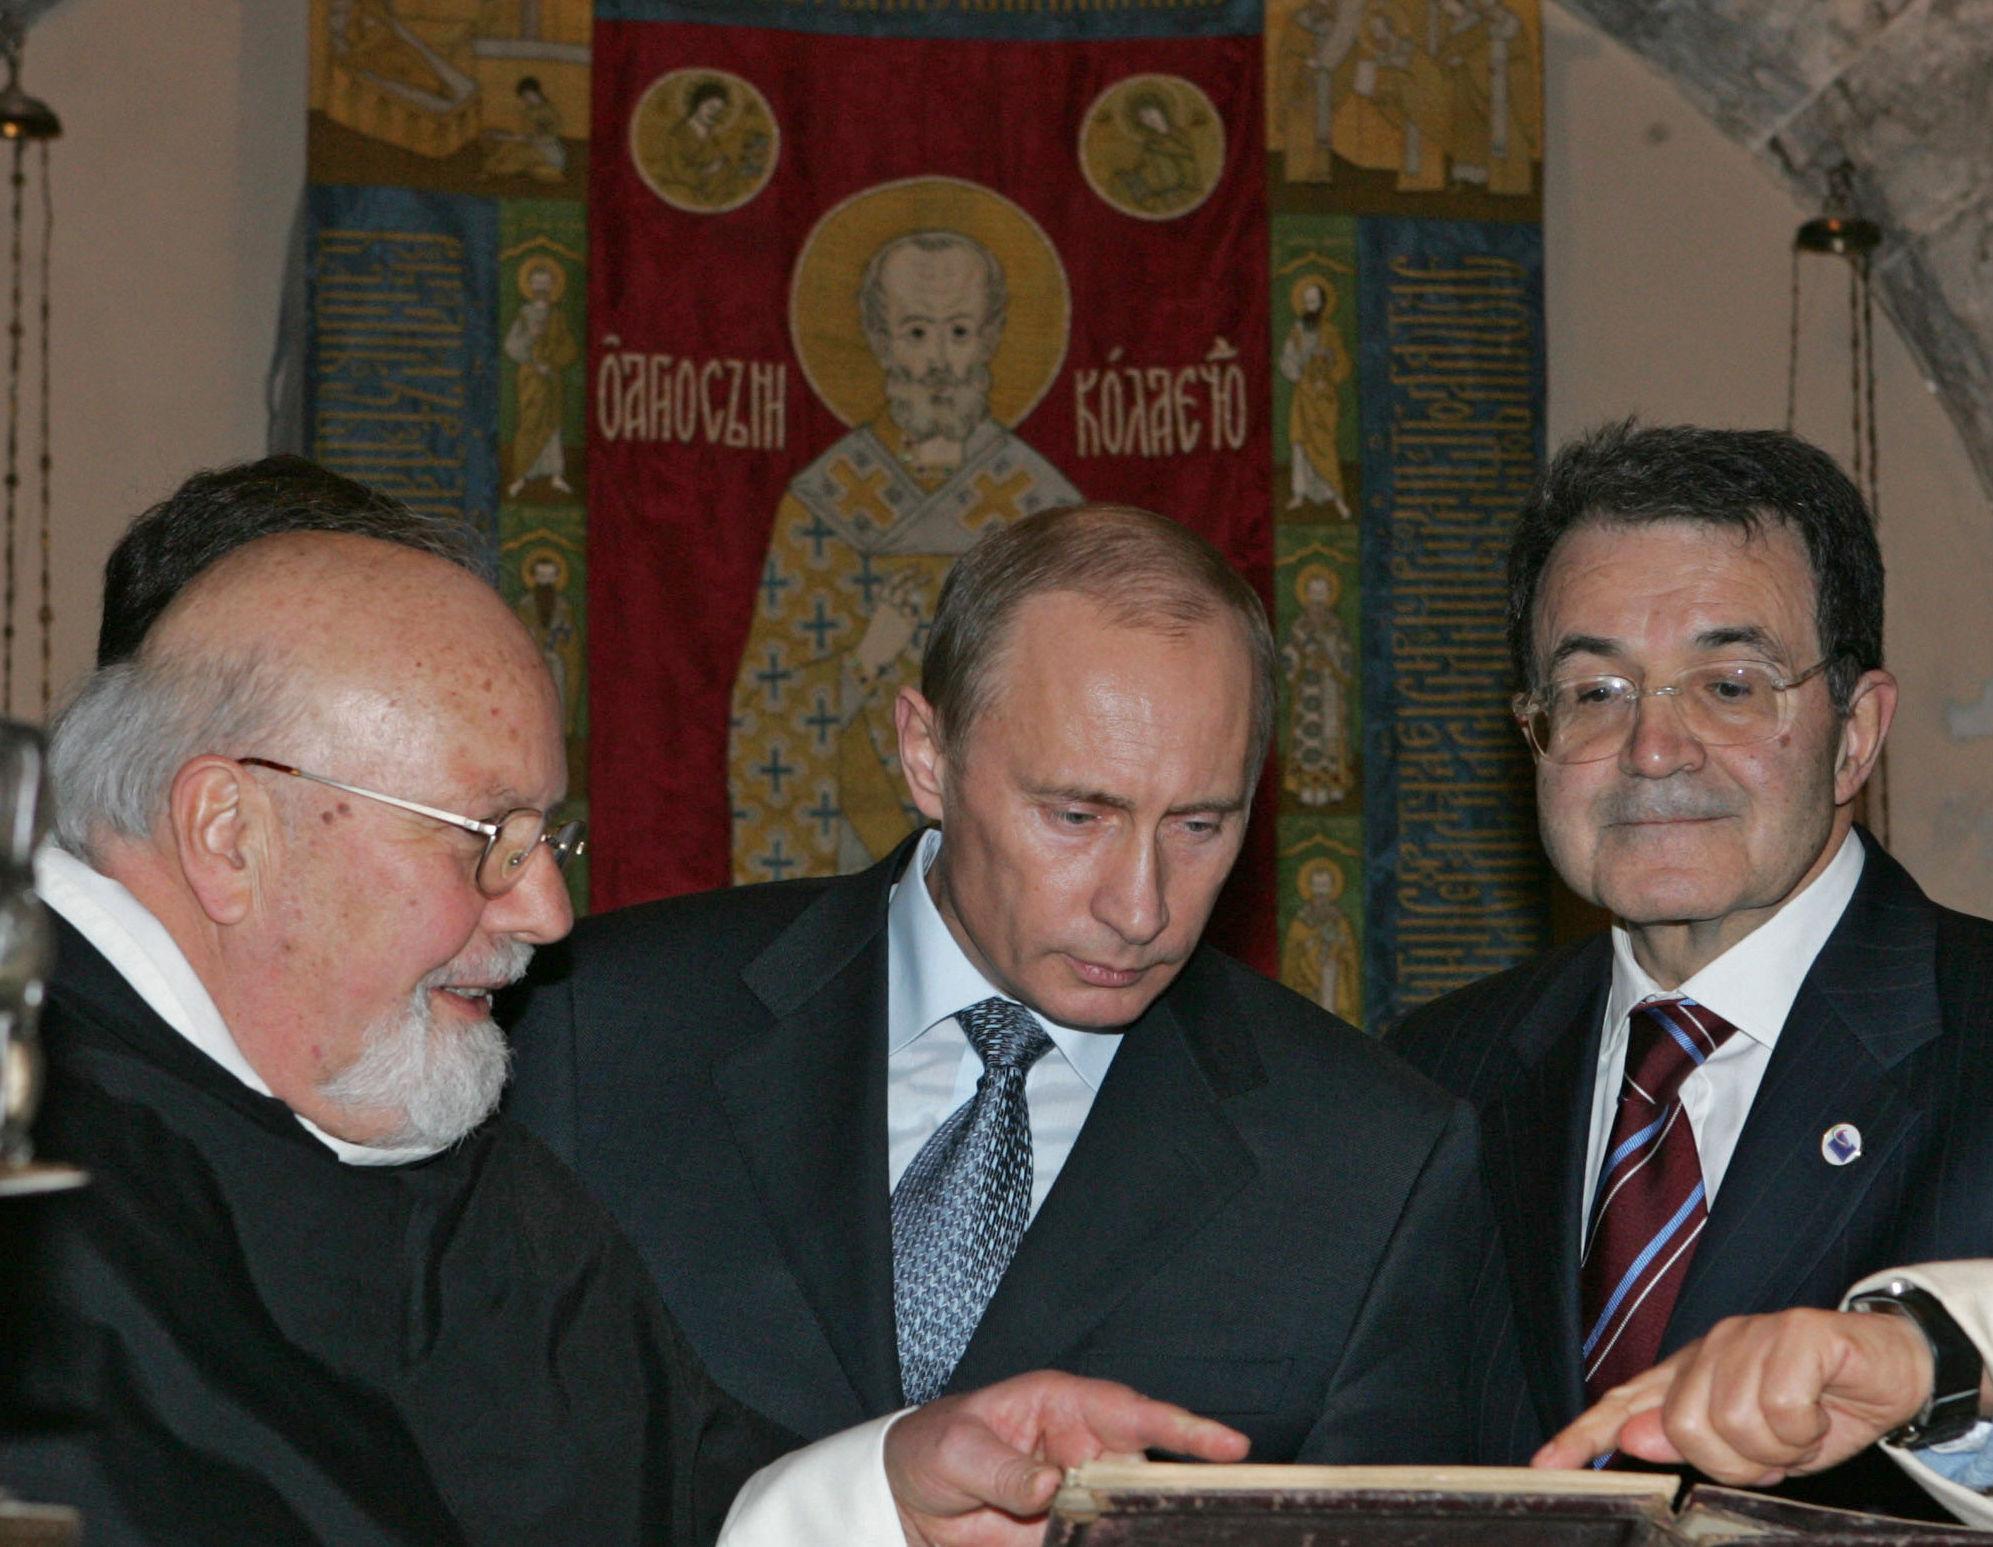 13 Marzo 2007 - Putin e Prodi nella basilica di San Nicola a Bari